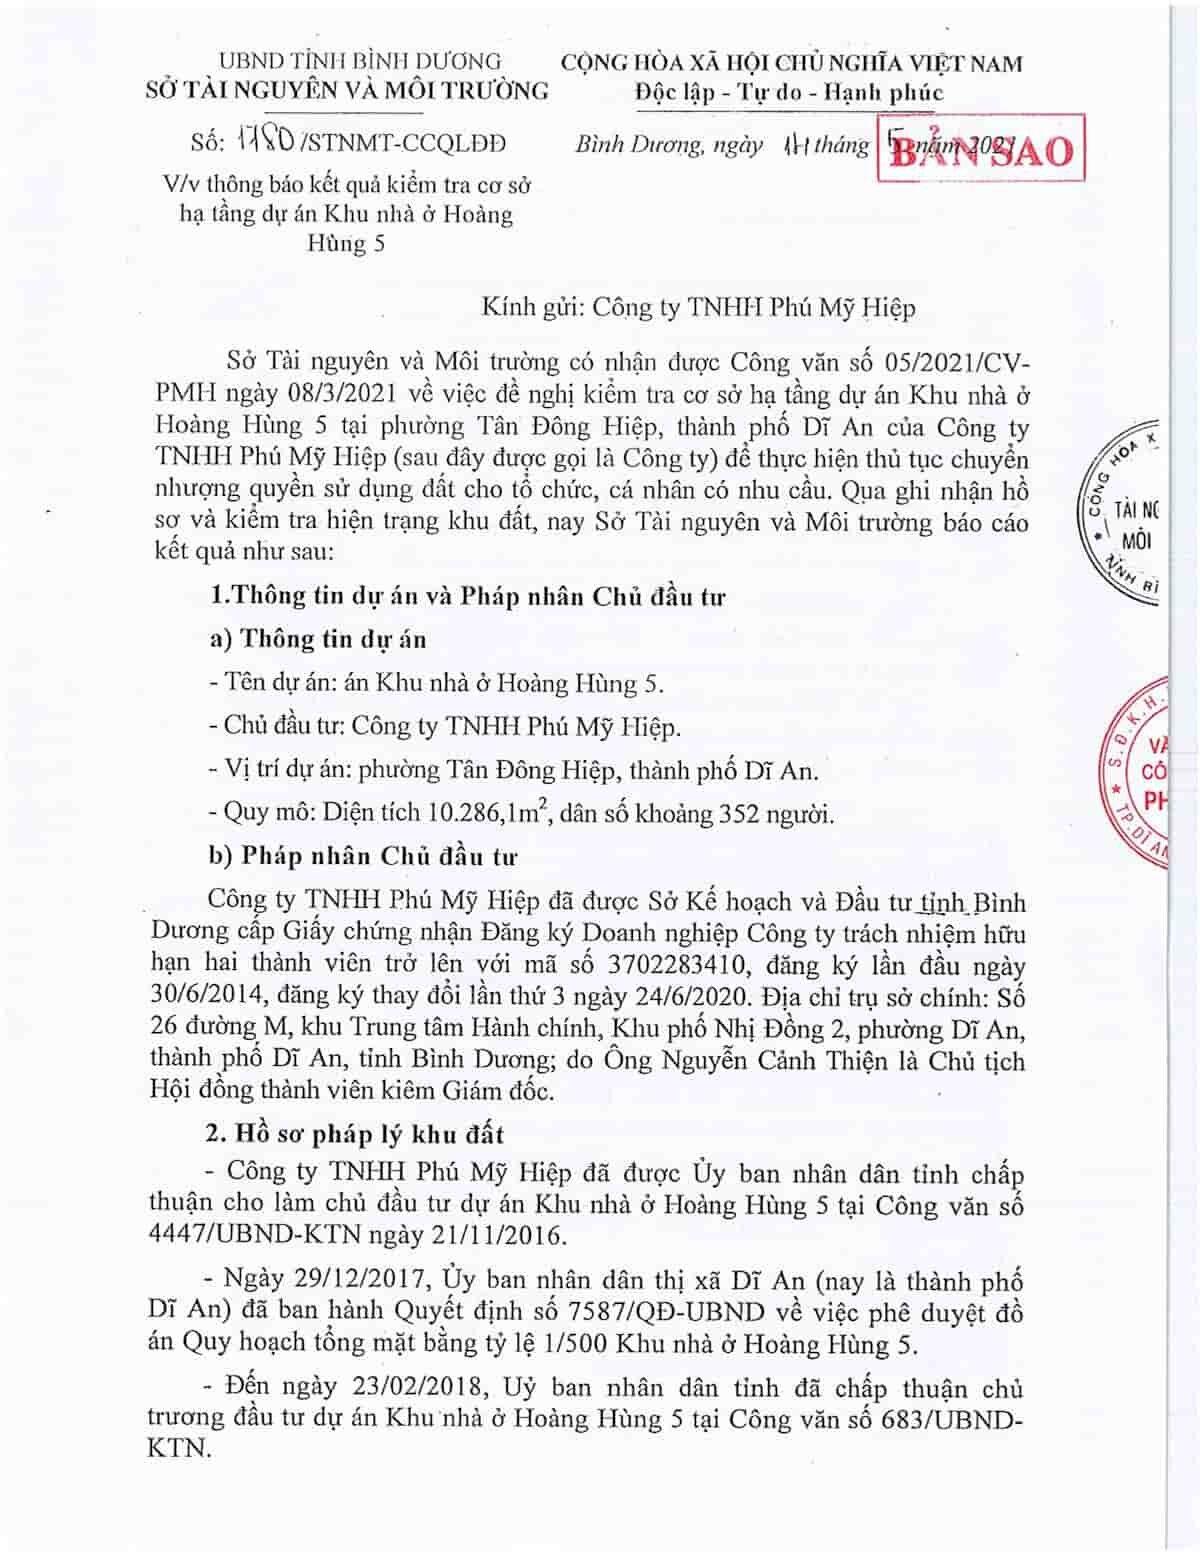 Quyết định 1780 Khu nhà ở Hoàng Hùng 5 - ảnh 1